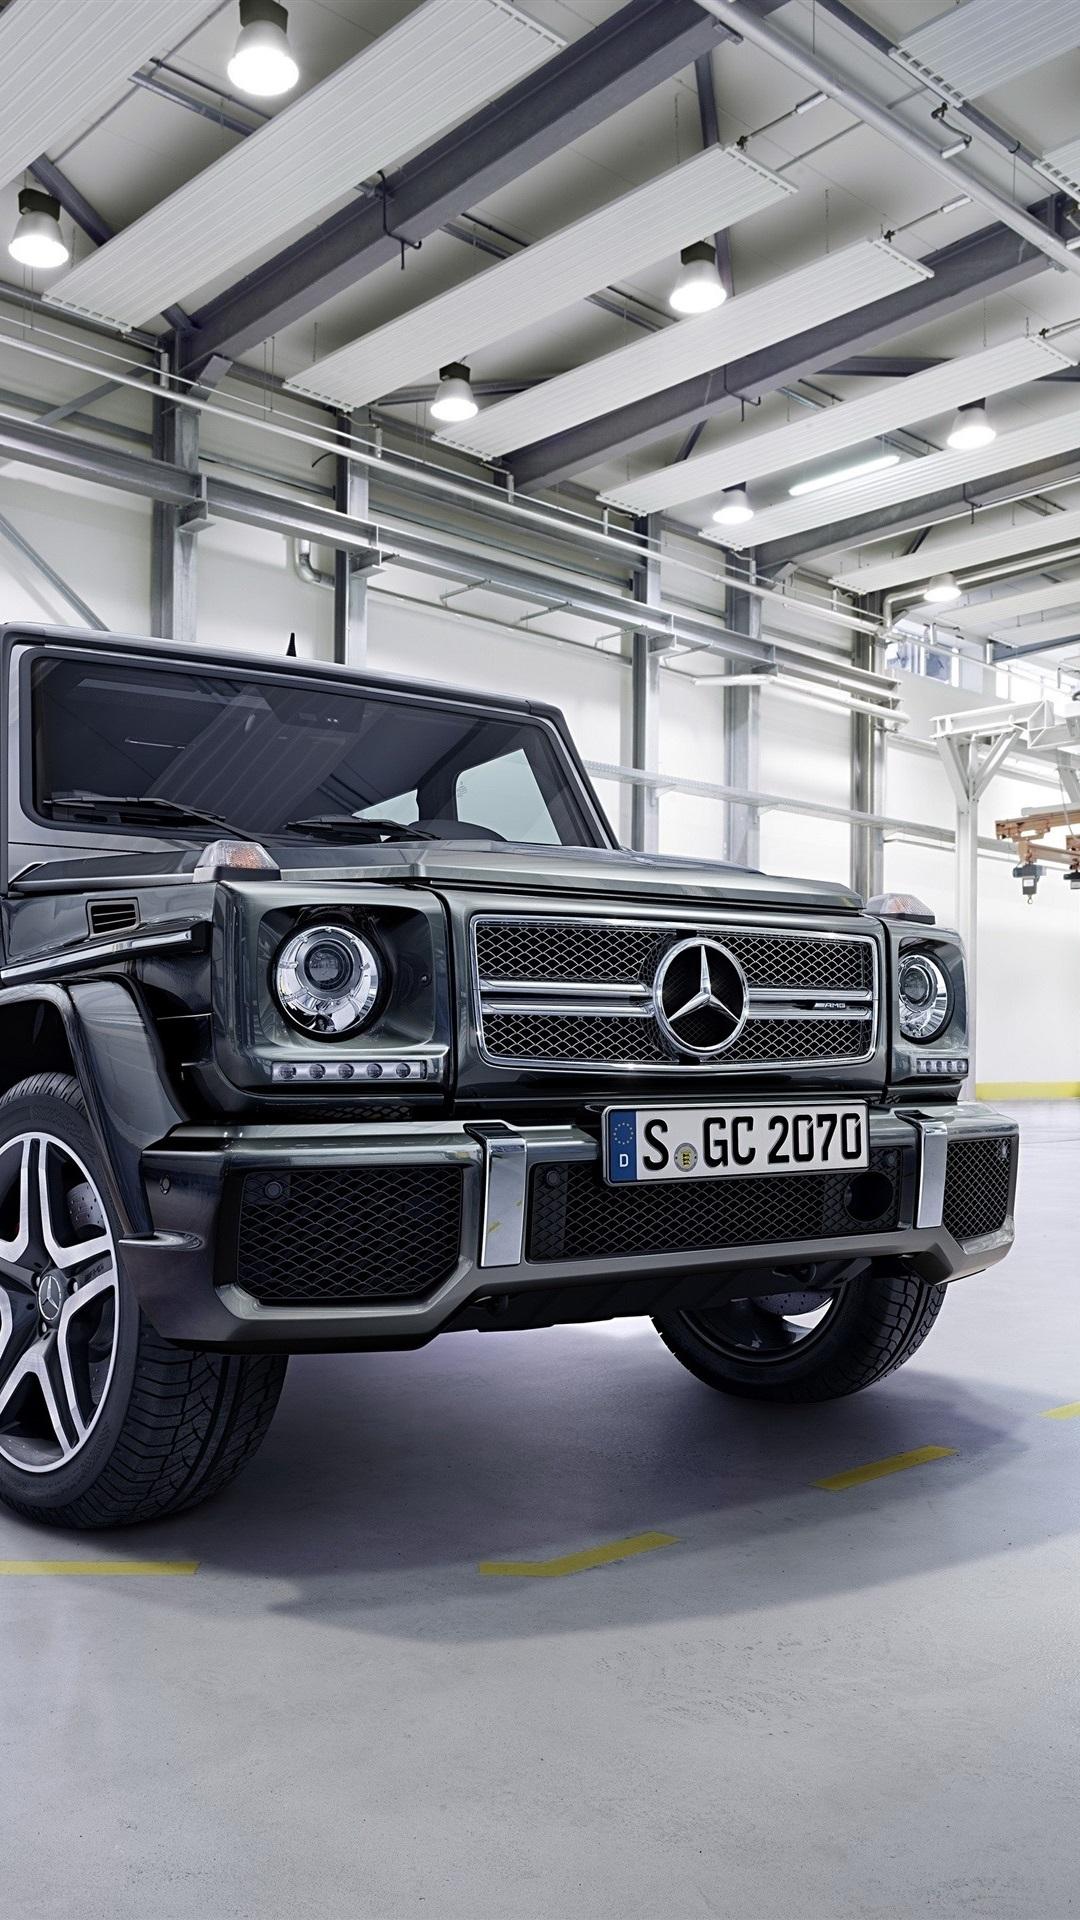 2015 Mercedes Benz Amg G63 W463 Suv Car 1080x1920 Iphone 8 7